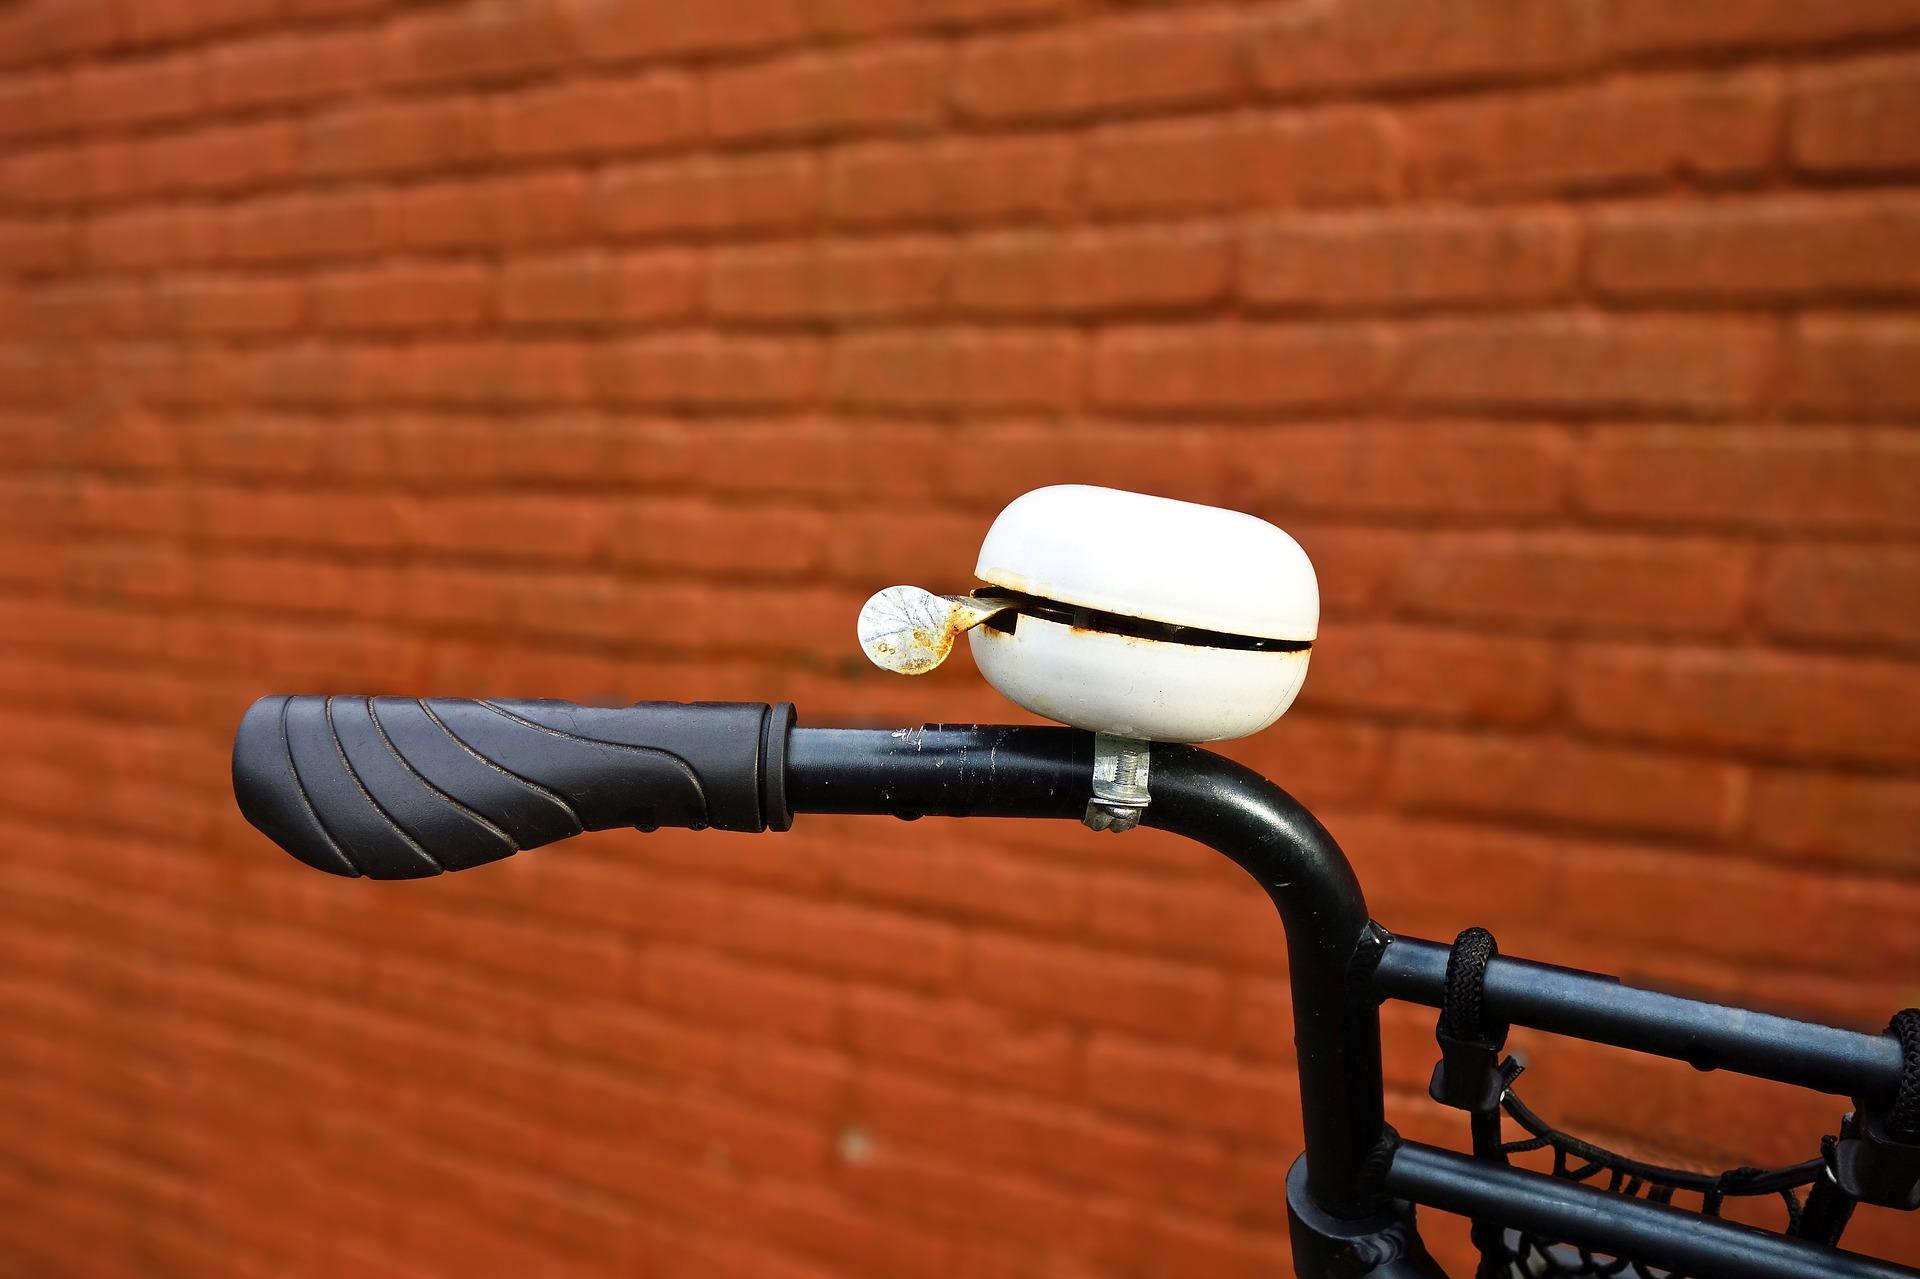 Imagem aproximada de buzina de bicicleta do tipo sino